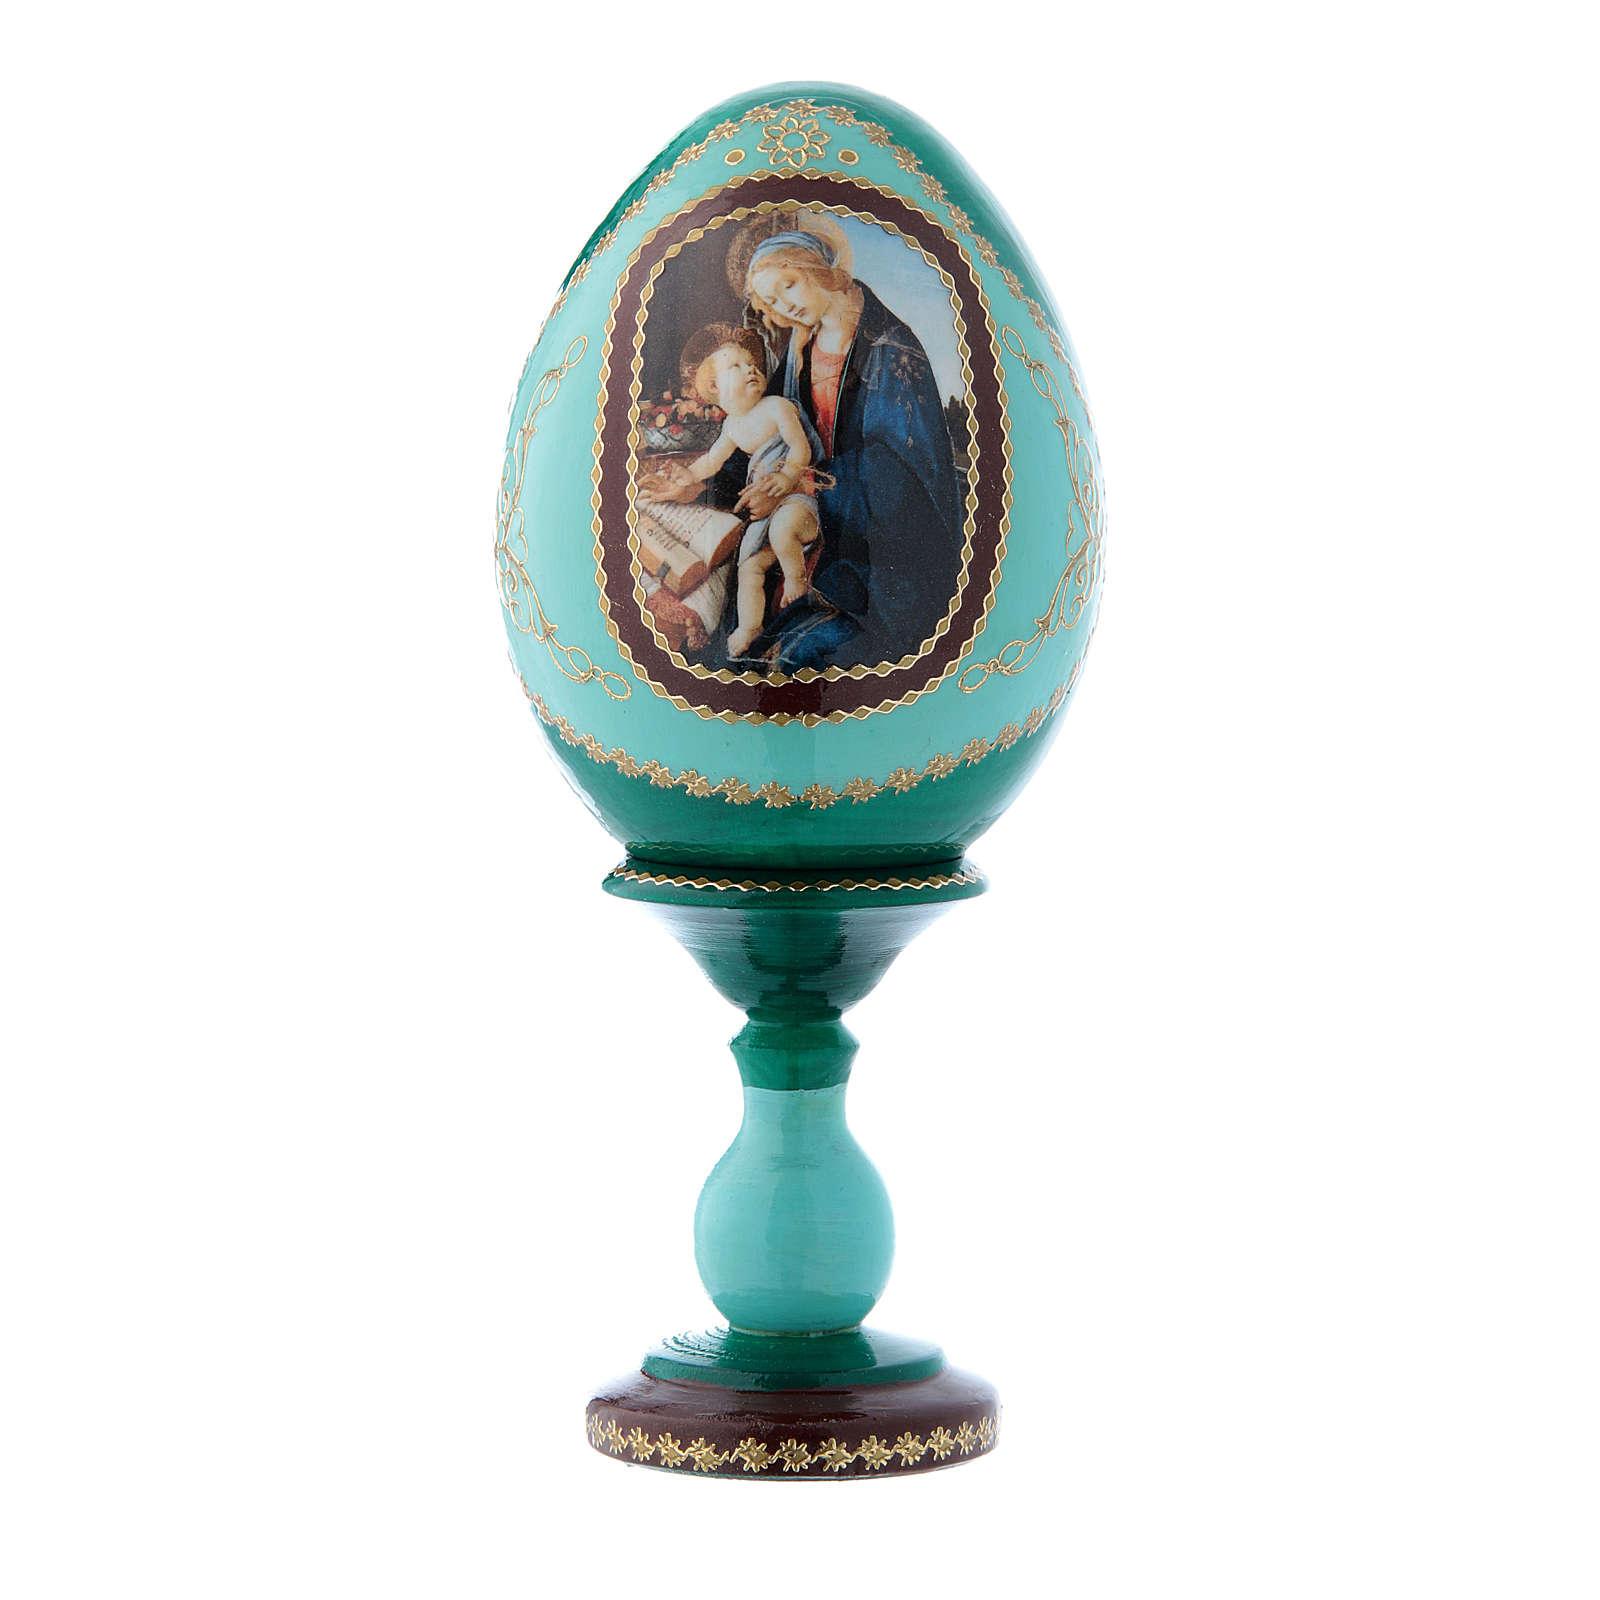 Oeuf russe vert style Fabergé La Madone du Livre h tot 16 cm 4